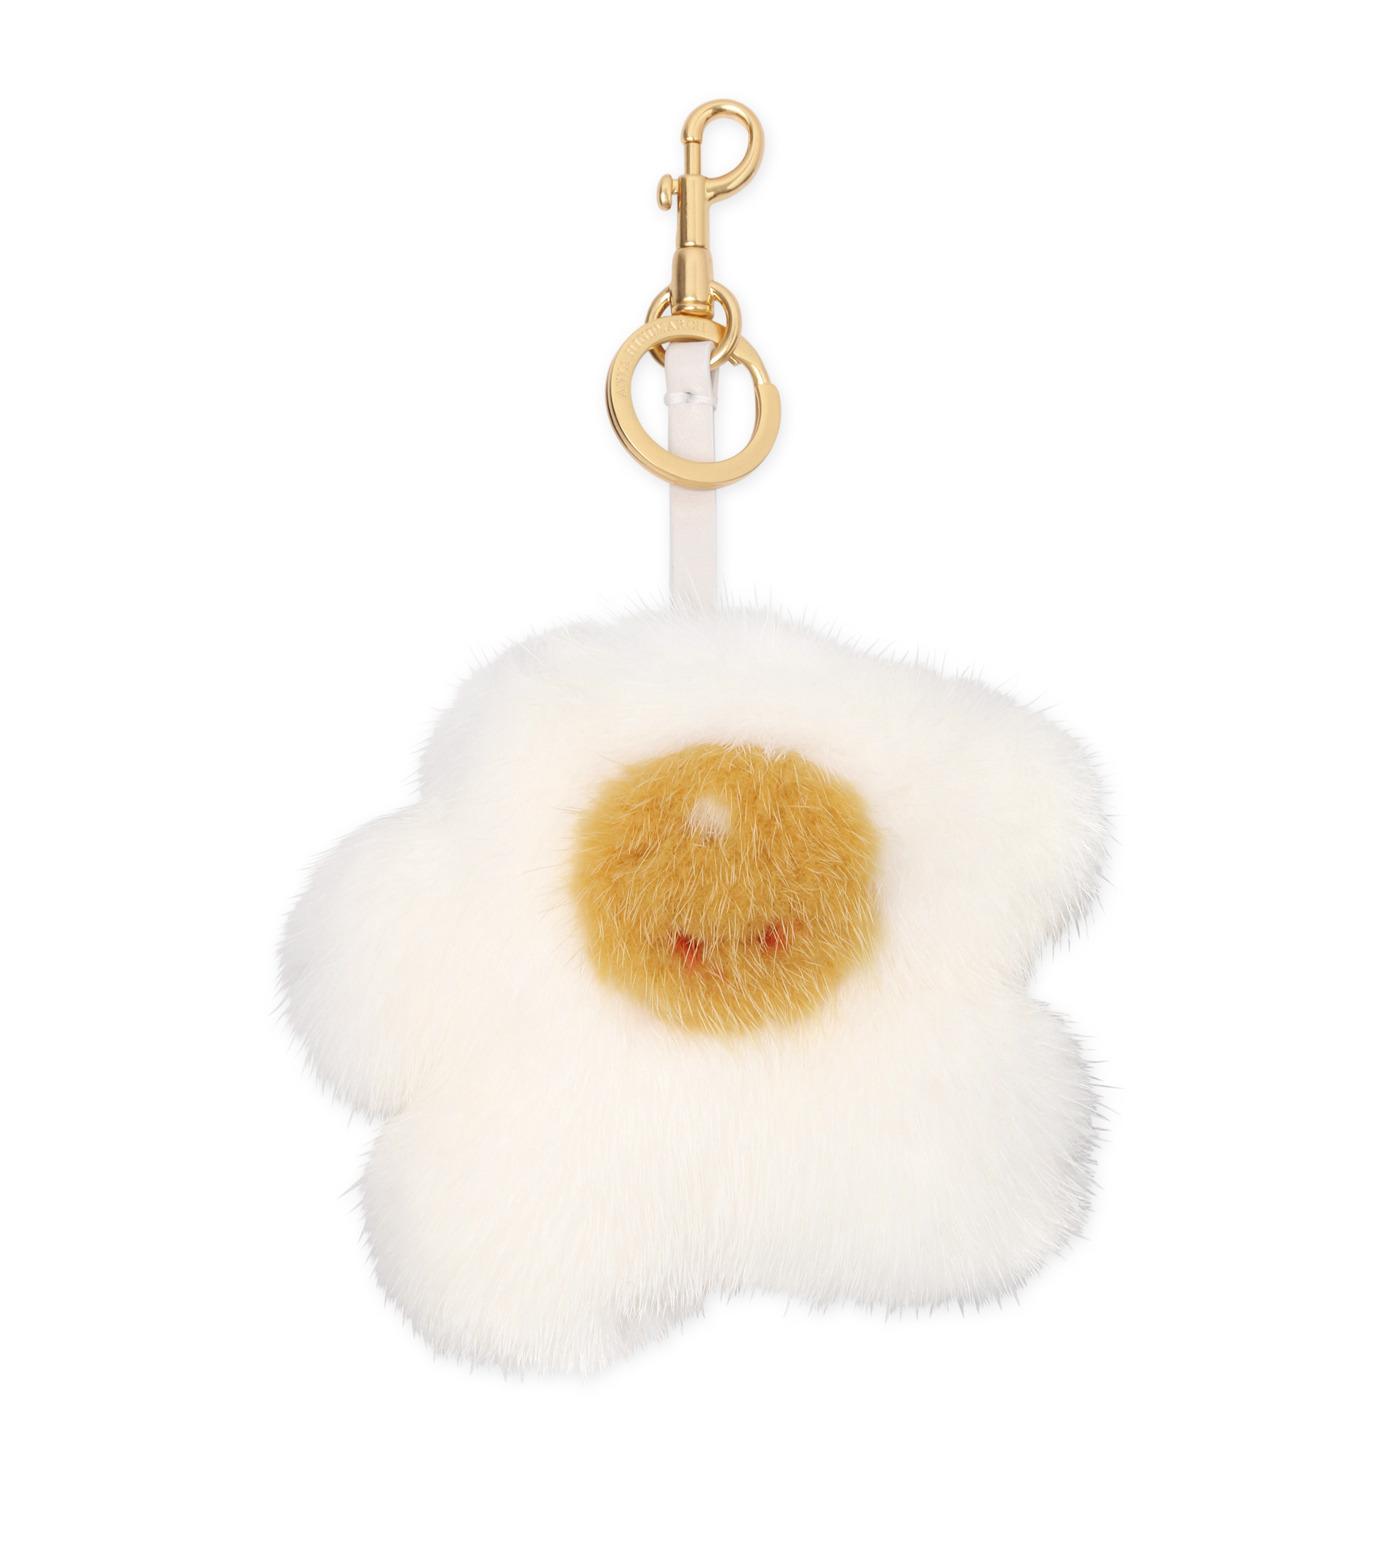 Anya Hindmarch(アニヤハインドマーチ)のMink Egg Tassel-WHITE-930536-4 拡大詳細画像1